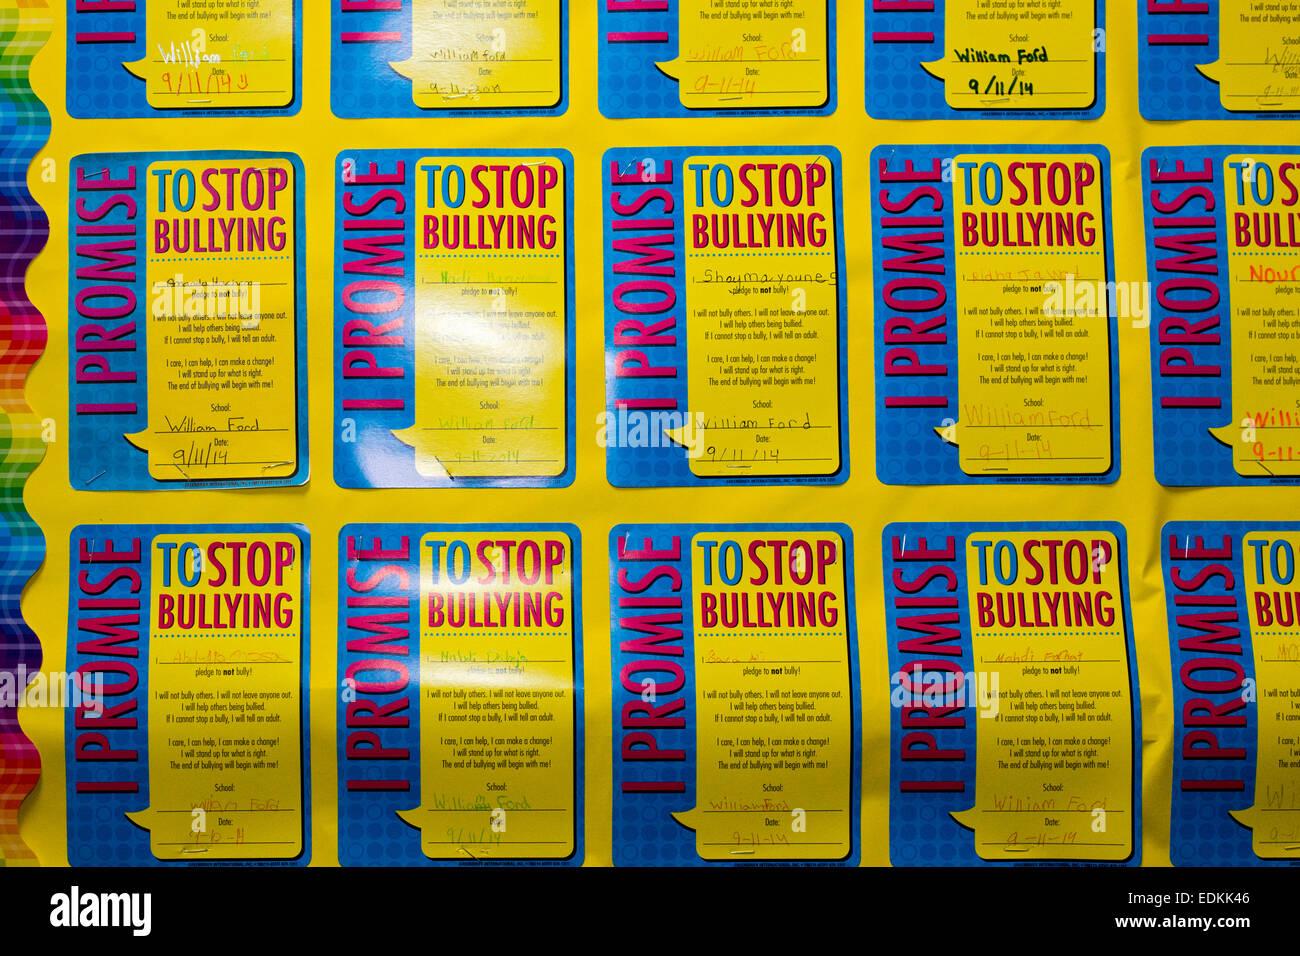 Dearborn, Michigan - Anti-bullismo promesse sulla parete a William Ford scuola elementare. Immagini Stock